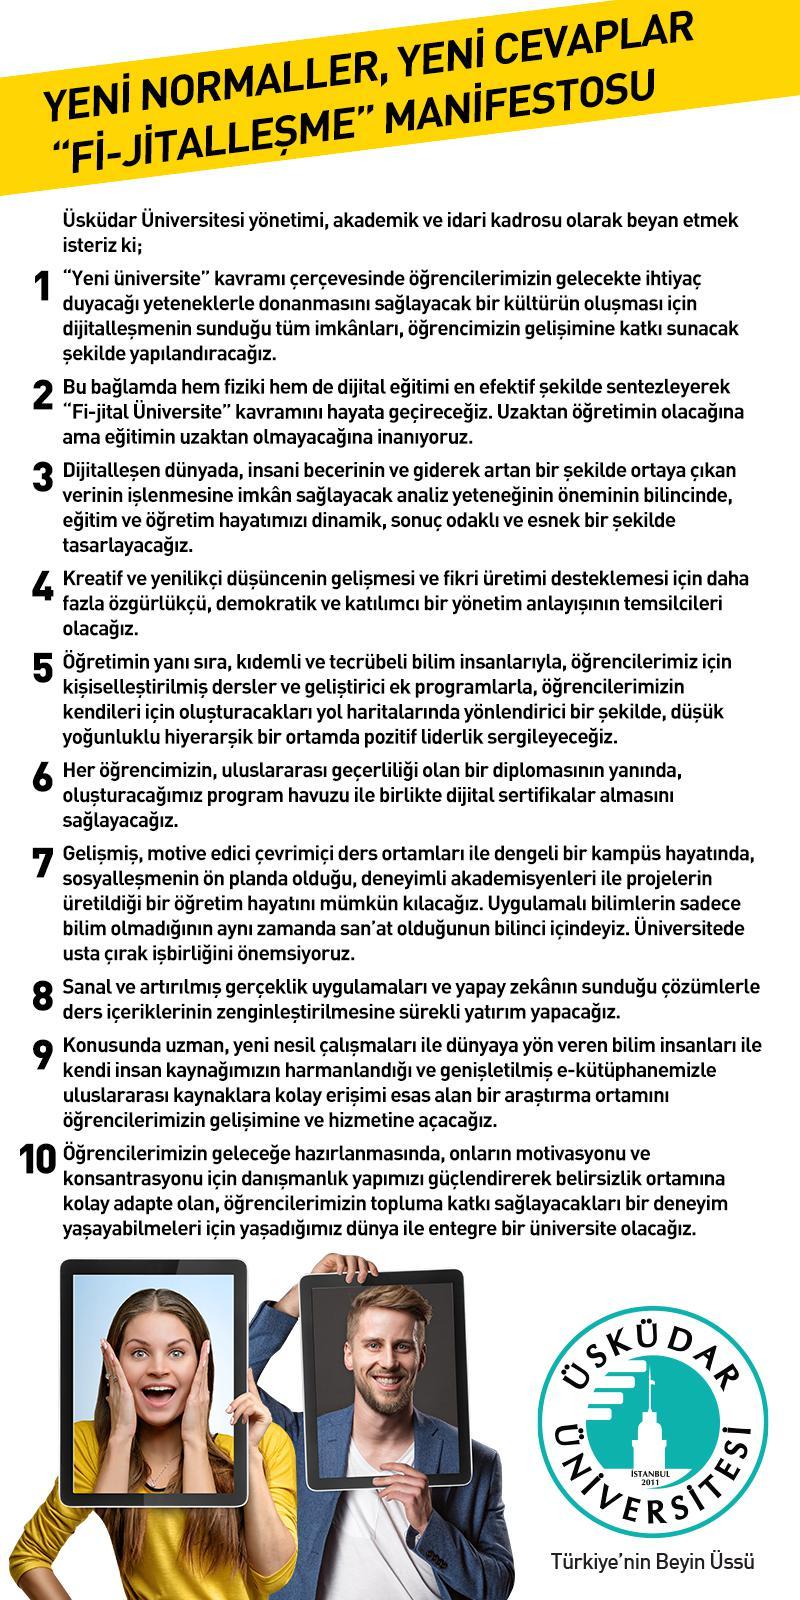 """Üsküdar Üniversitesi'nden """"Fi-jitalleşme Manifestosu"""""""